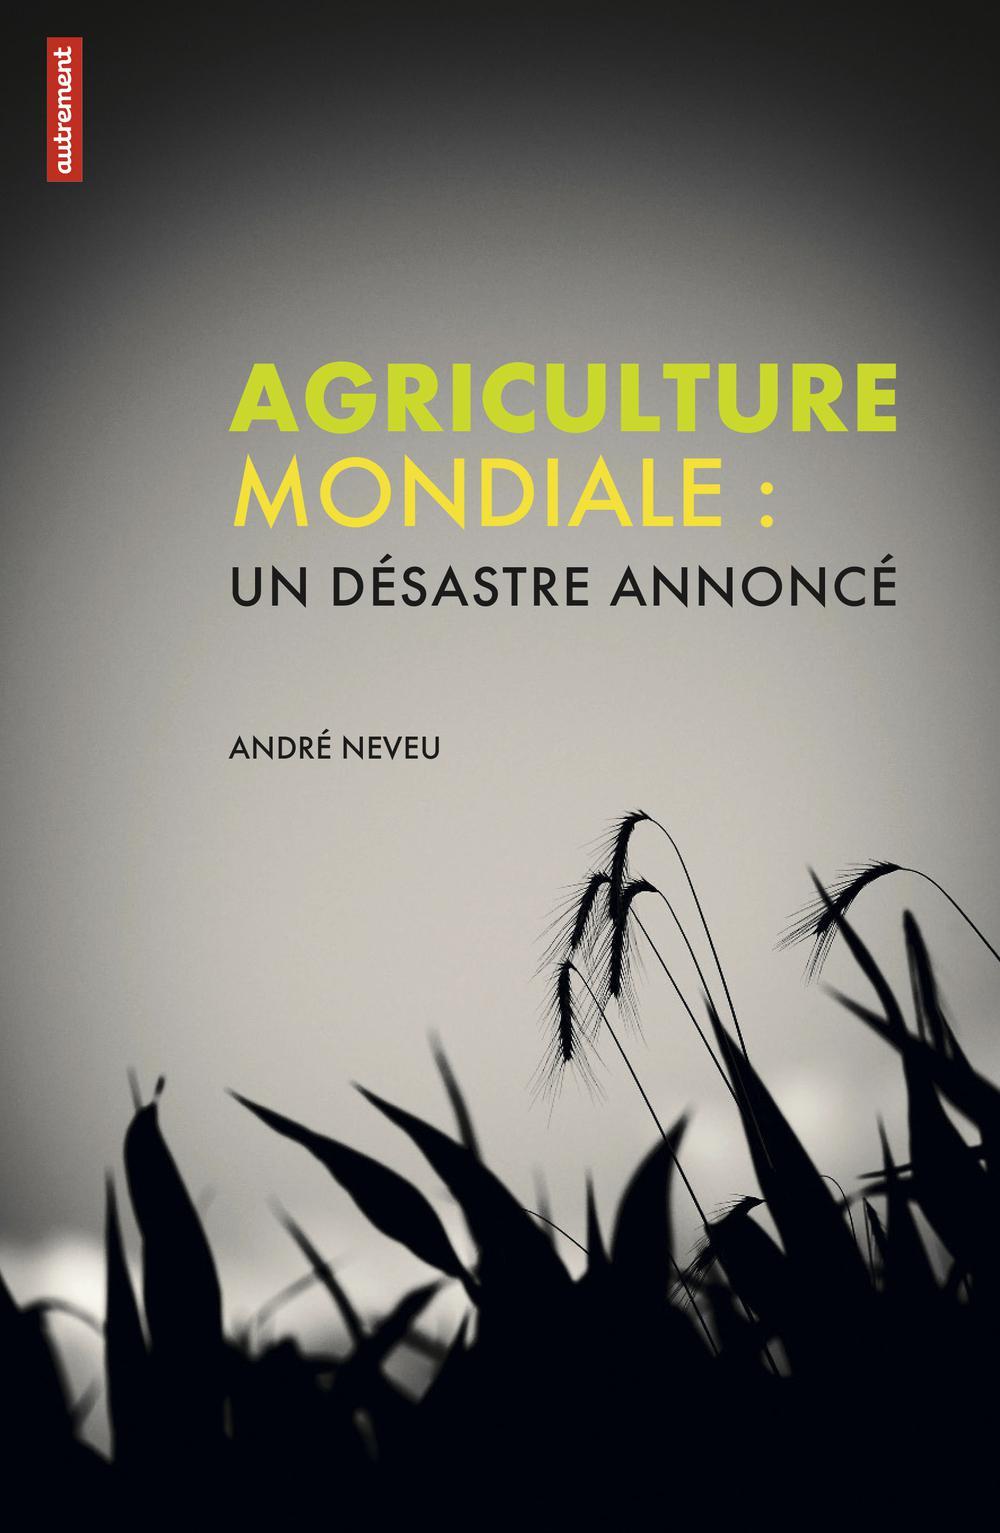 Agriculture mondiale, UN DÉSASTRE ANNONCÉ